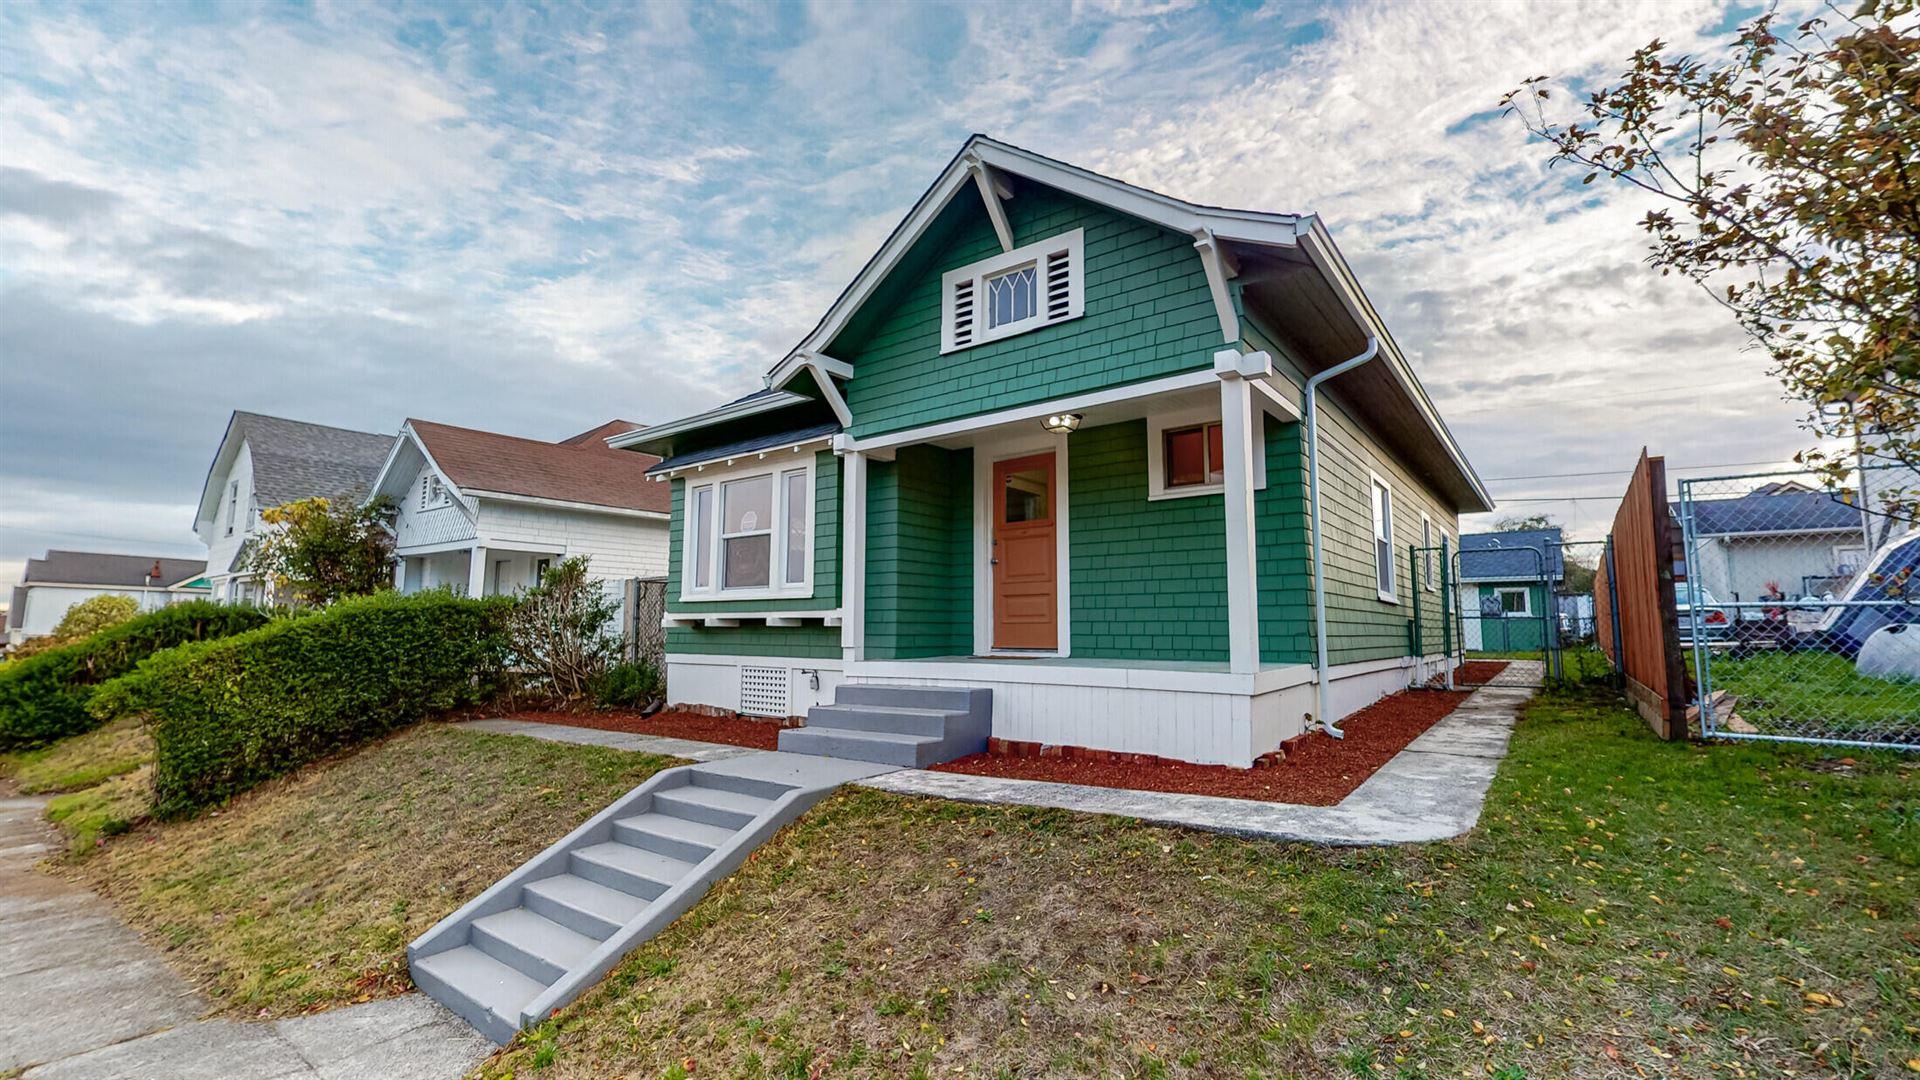 2025 B Street, Eureka, CA 95501 - MLS#: 260401